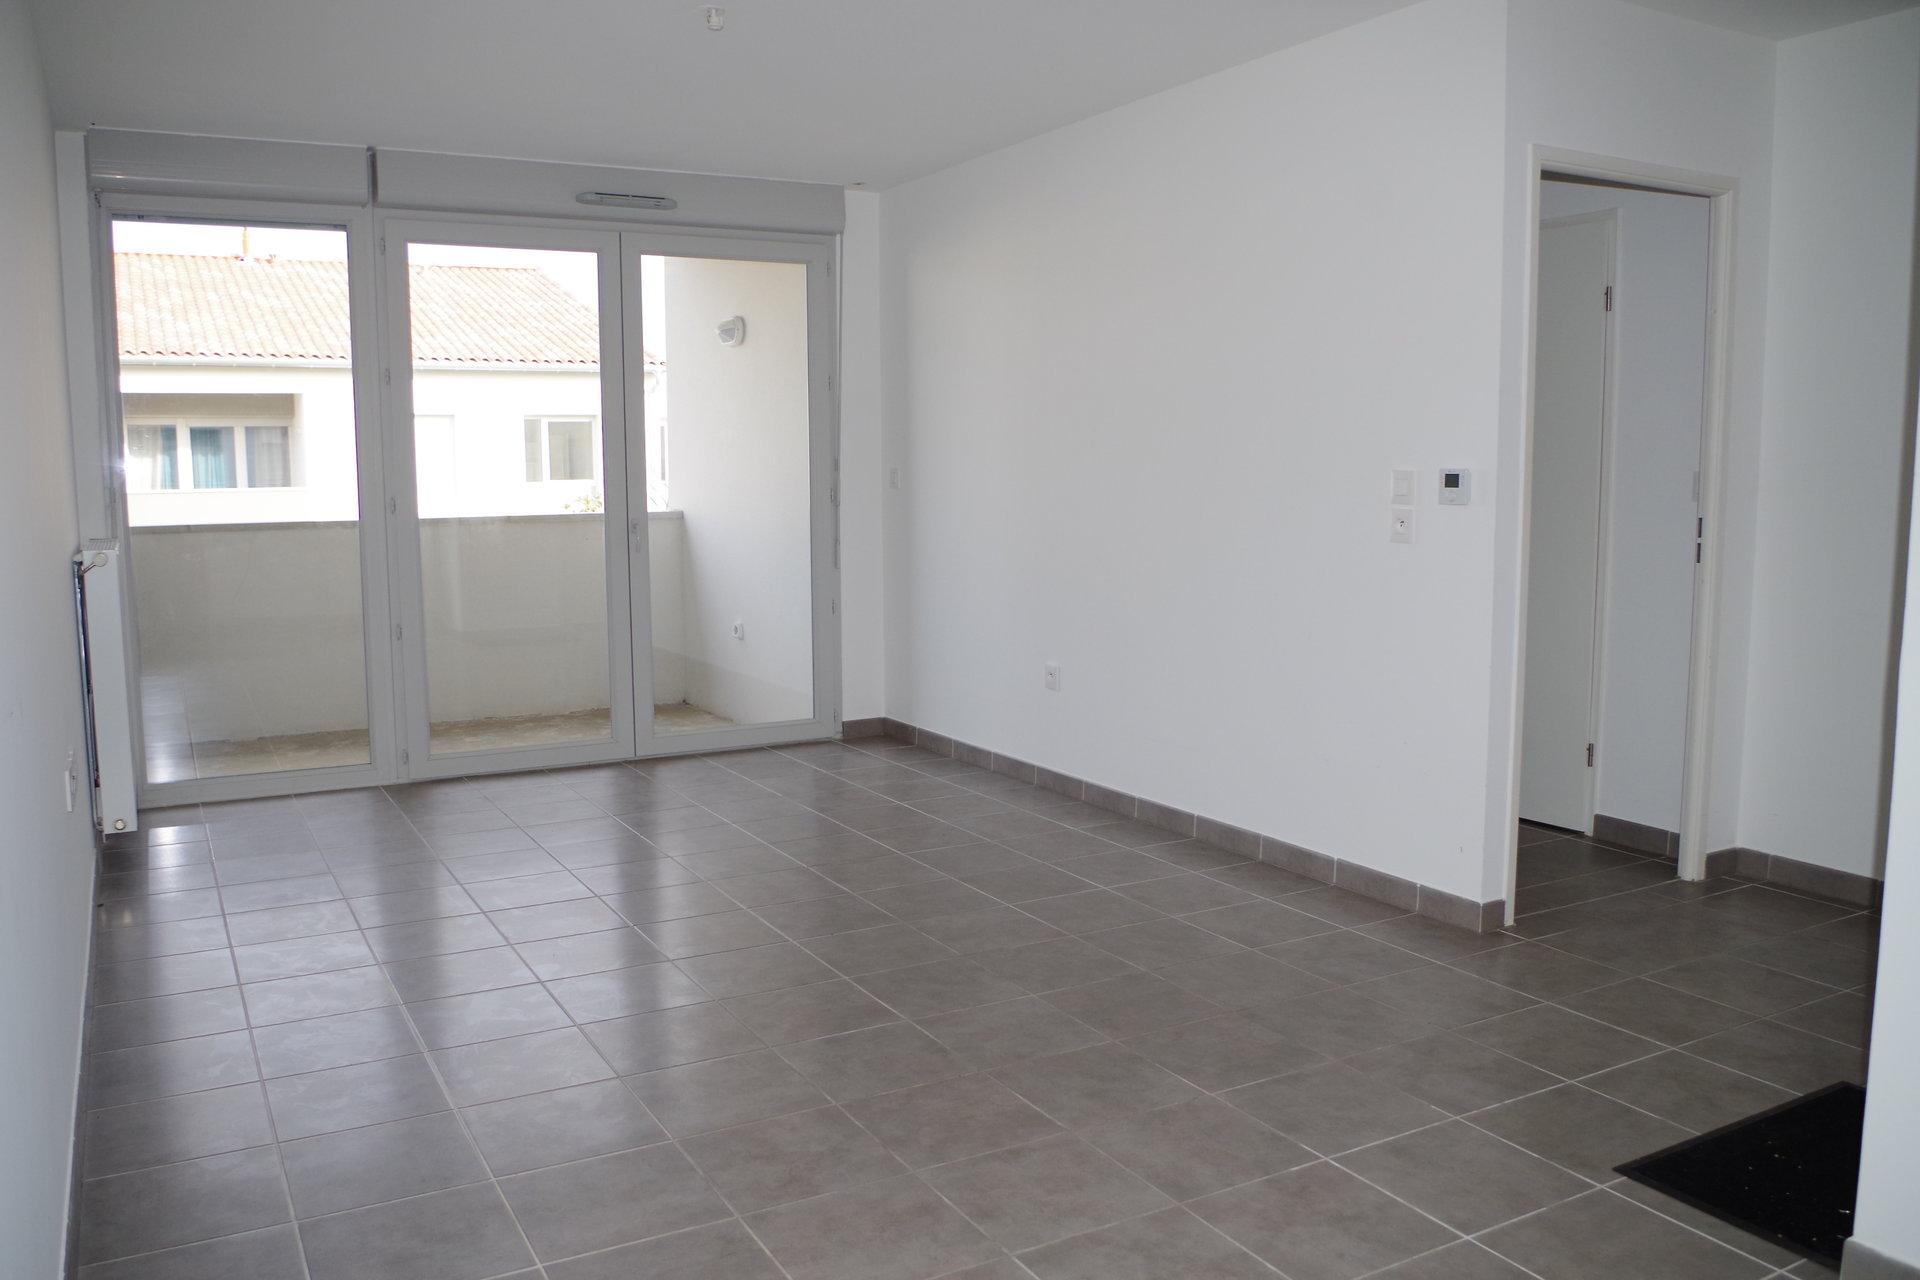 T2 - 43 m² - TOULOUSE / ST MARTIN DU TOUCH